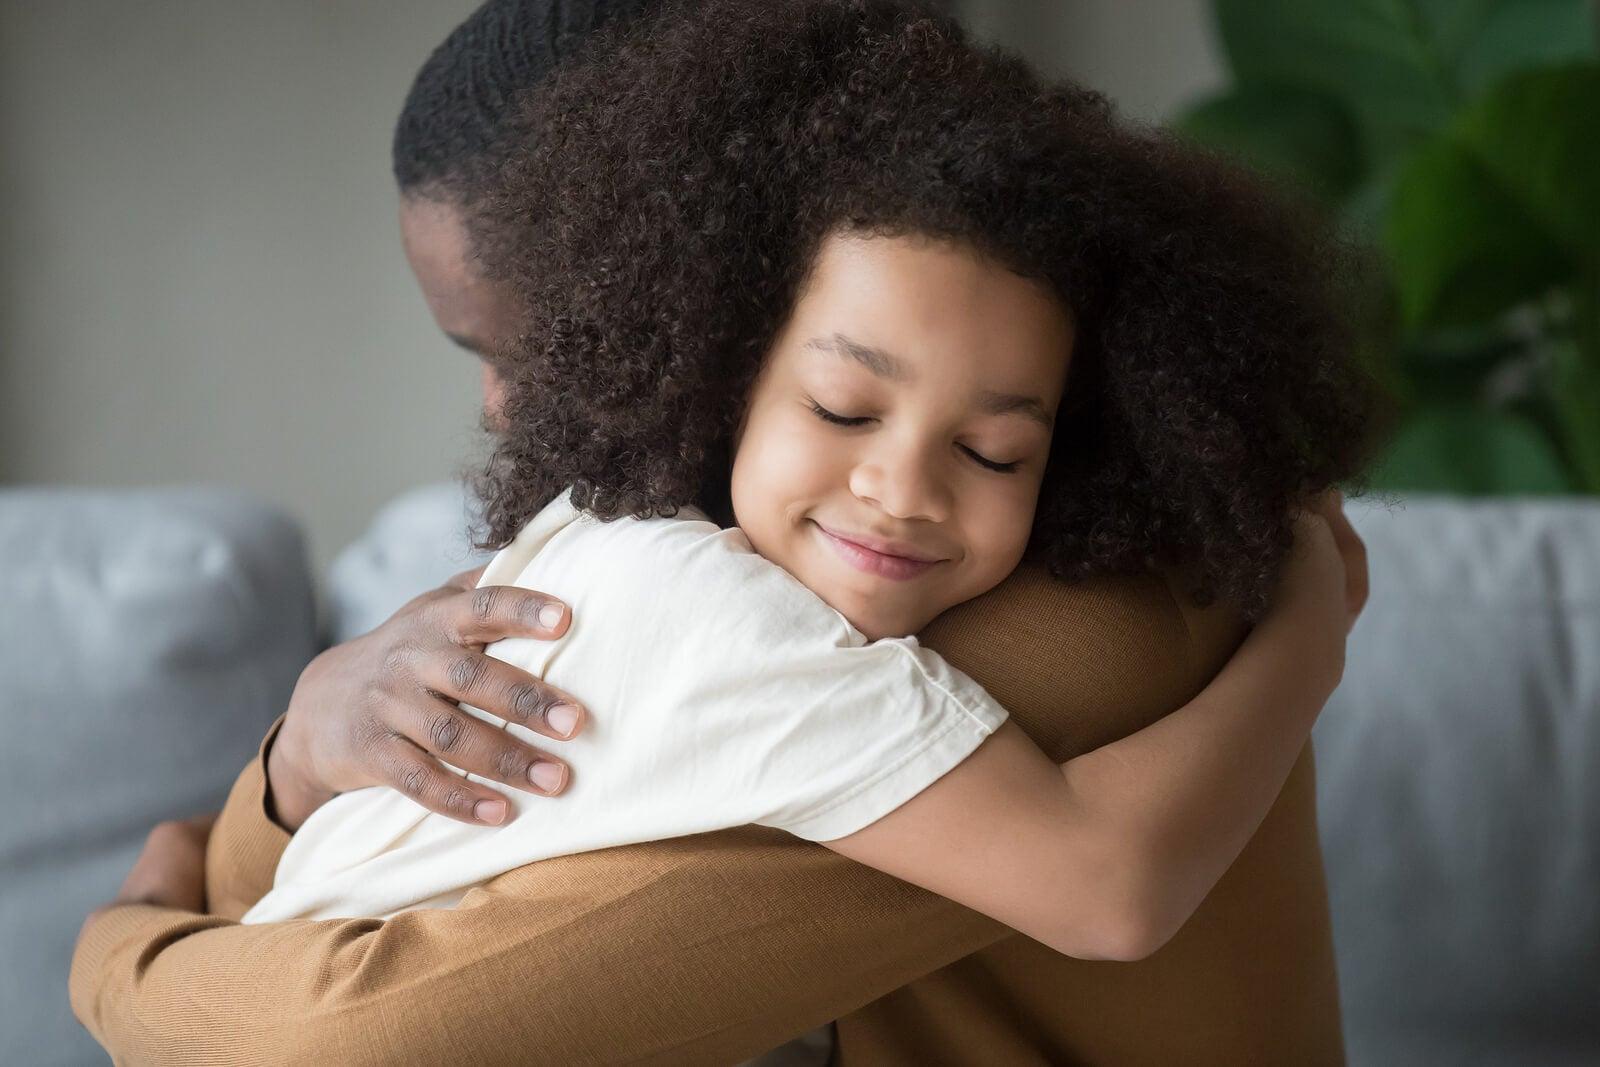 Hija dando un abrazo a su padre.